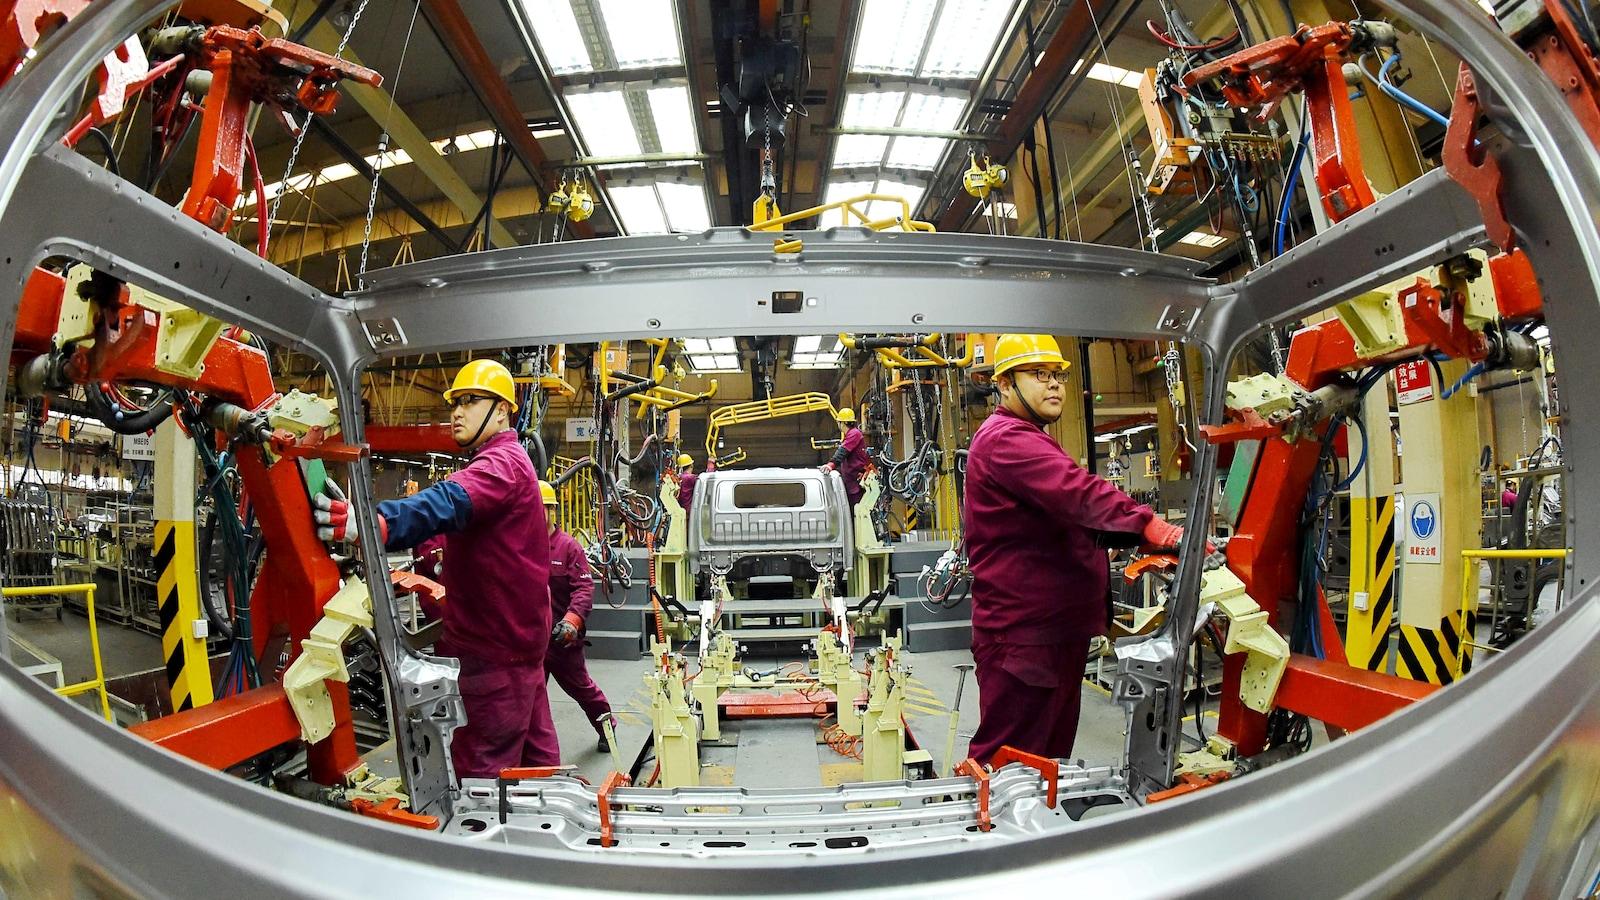 Des employés travaillent sur une chaîne de production fabriquant des camions légers dans une usine de JAC Motors à Weifang, province de Shandong, Chine, le 30 novembre 2018.